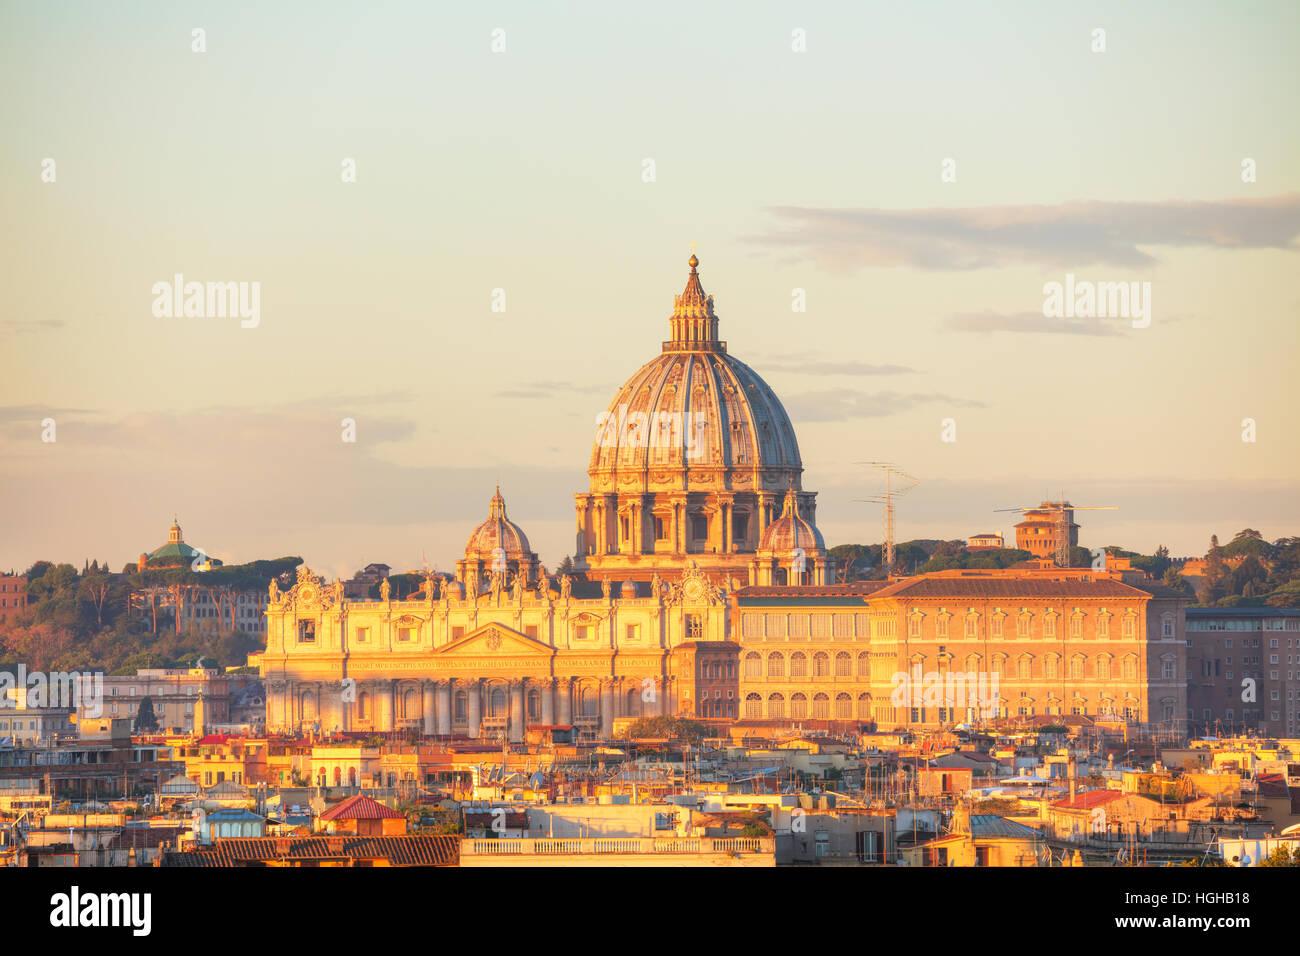 La Basilica Papale di San Pietro in Vaticano città di notte Foto Stock